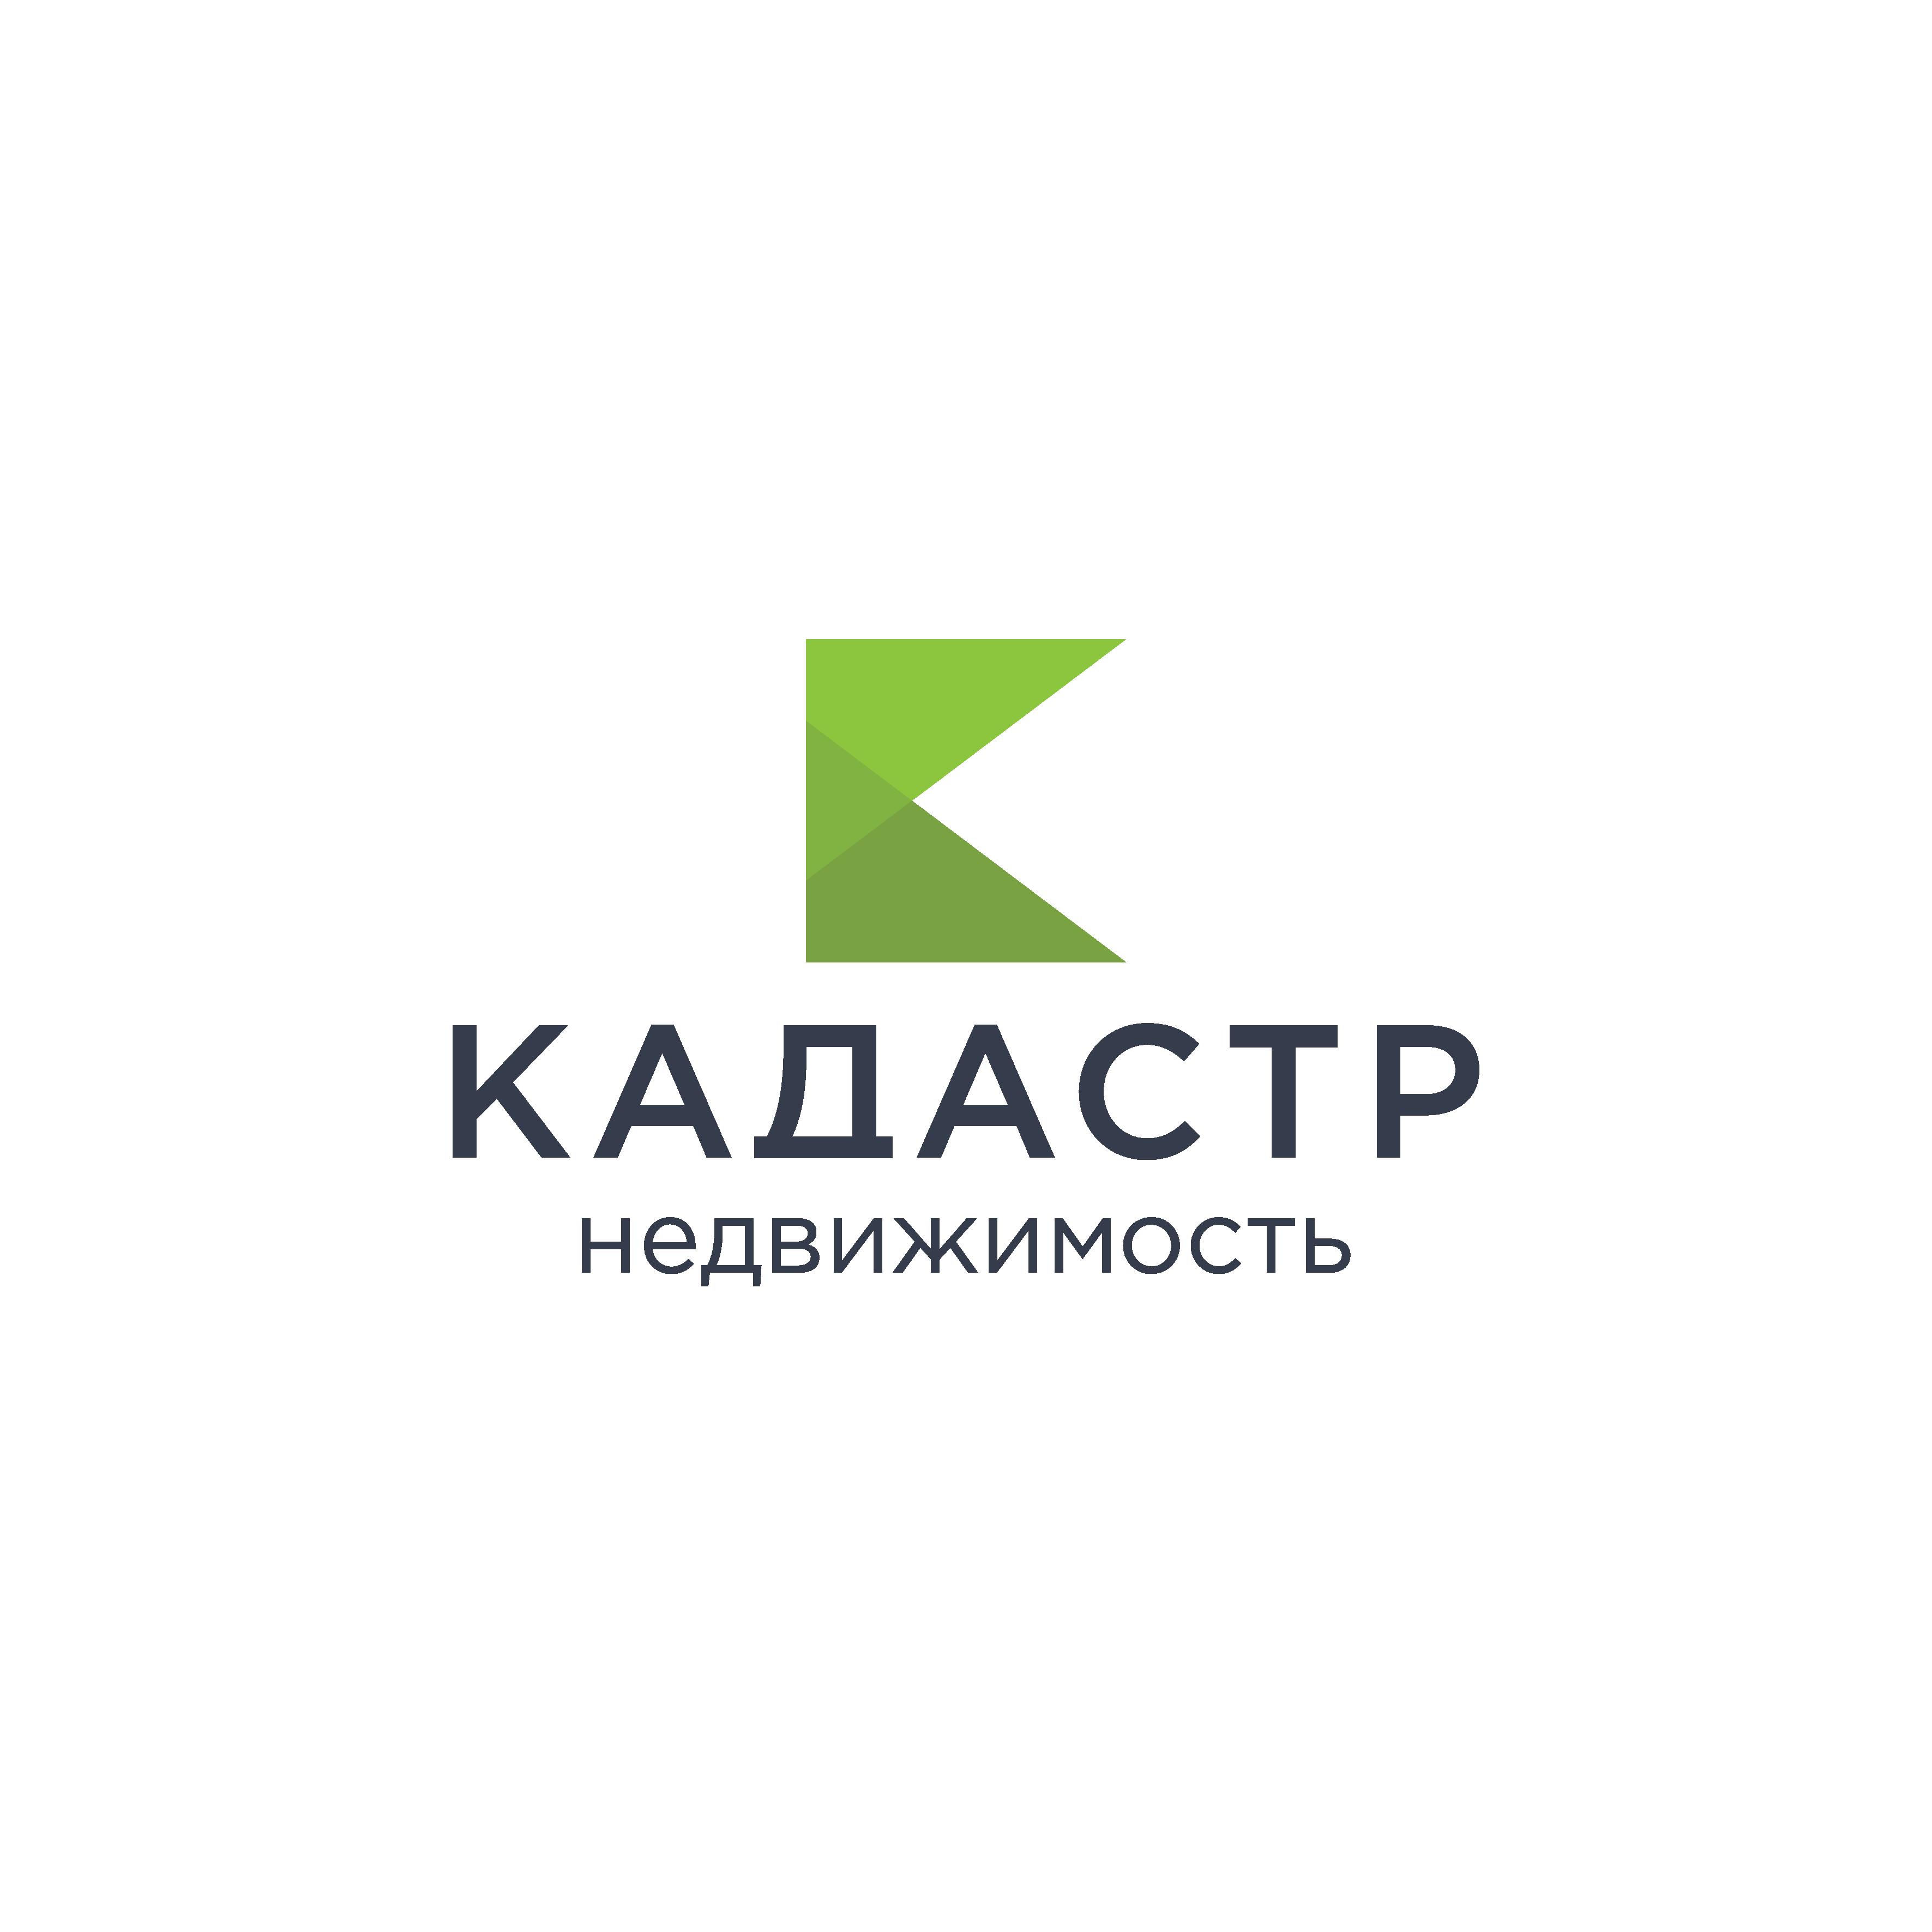 ООО АН Кадастр